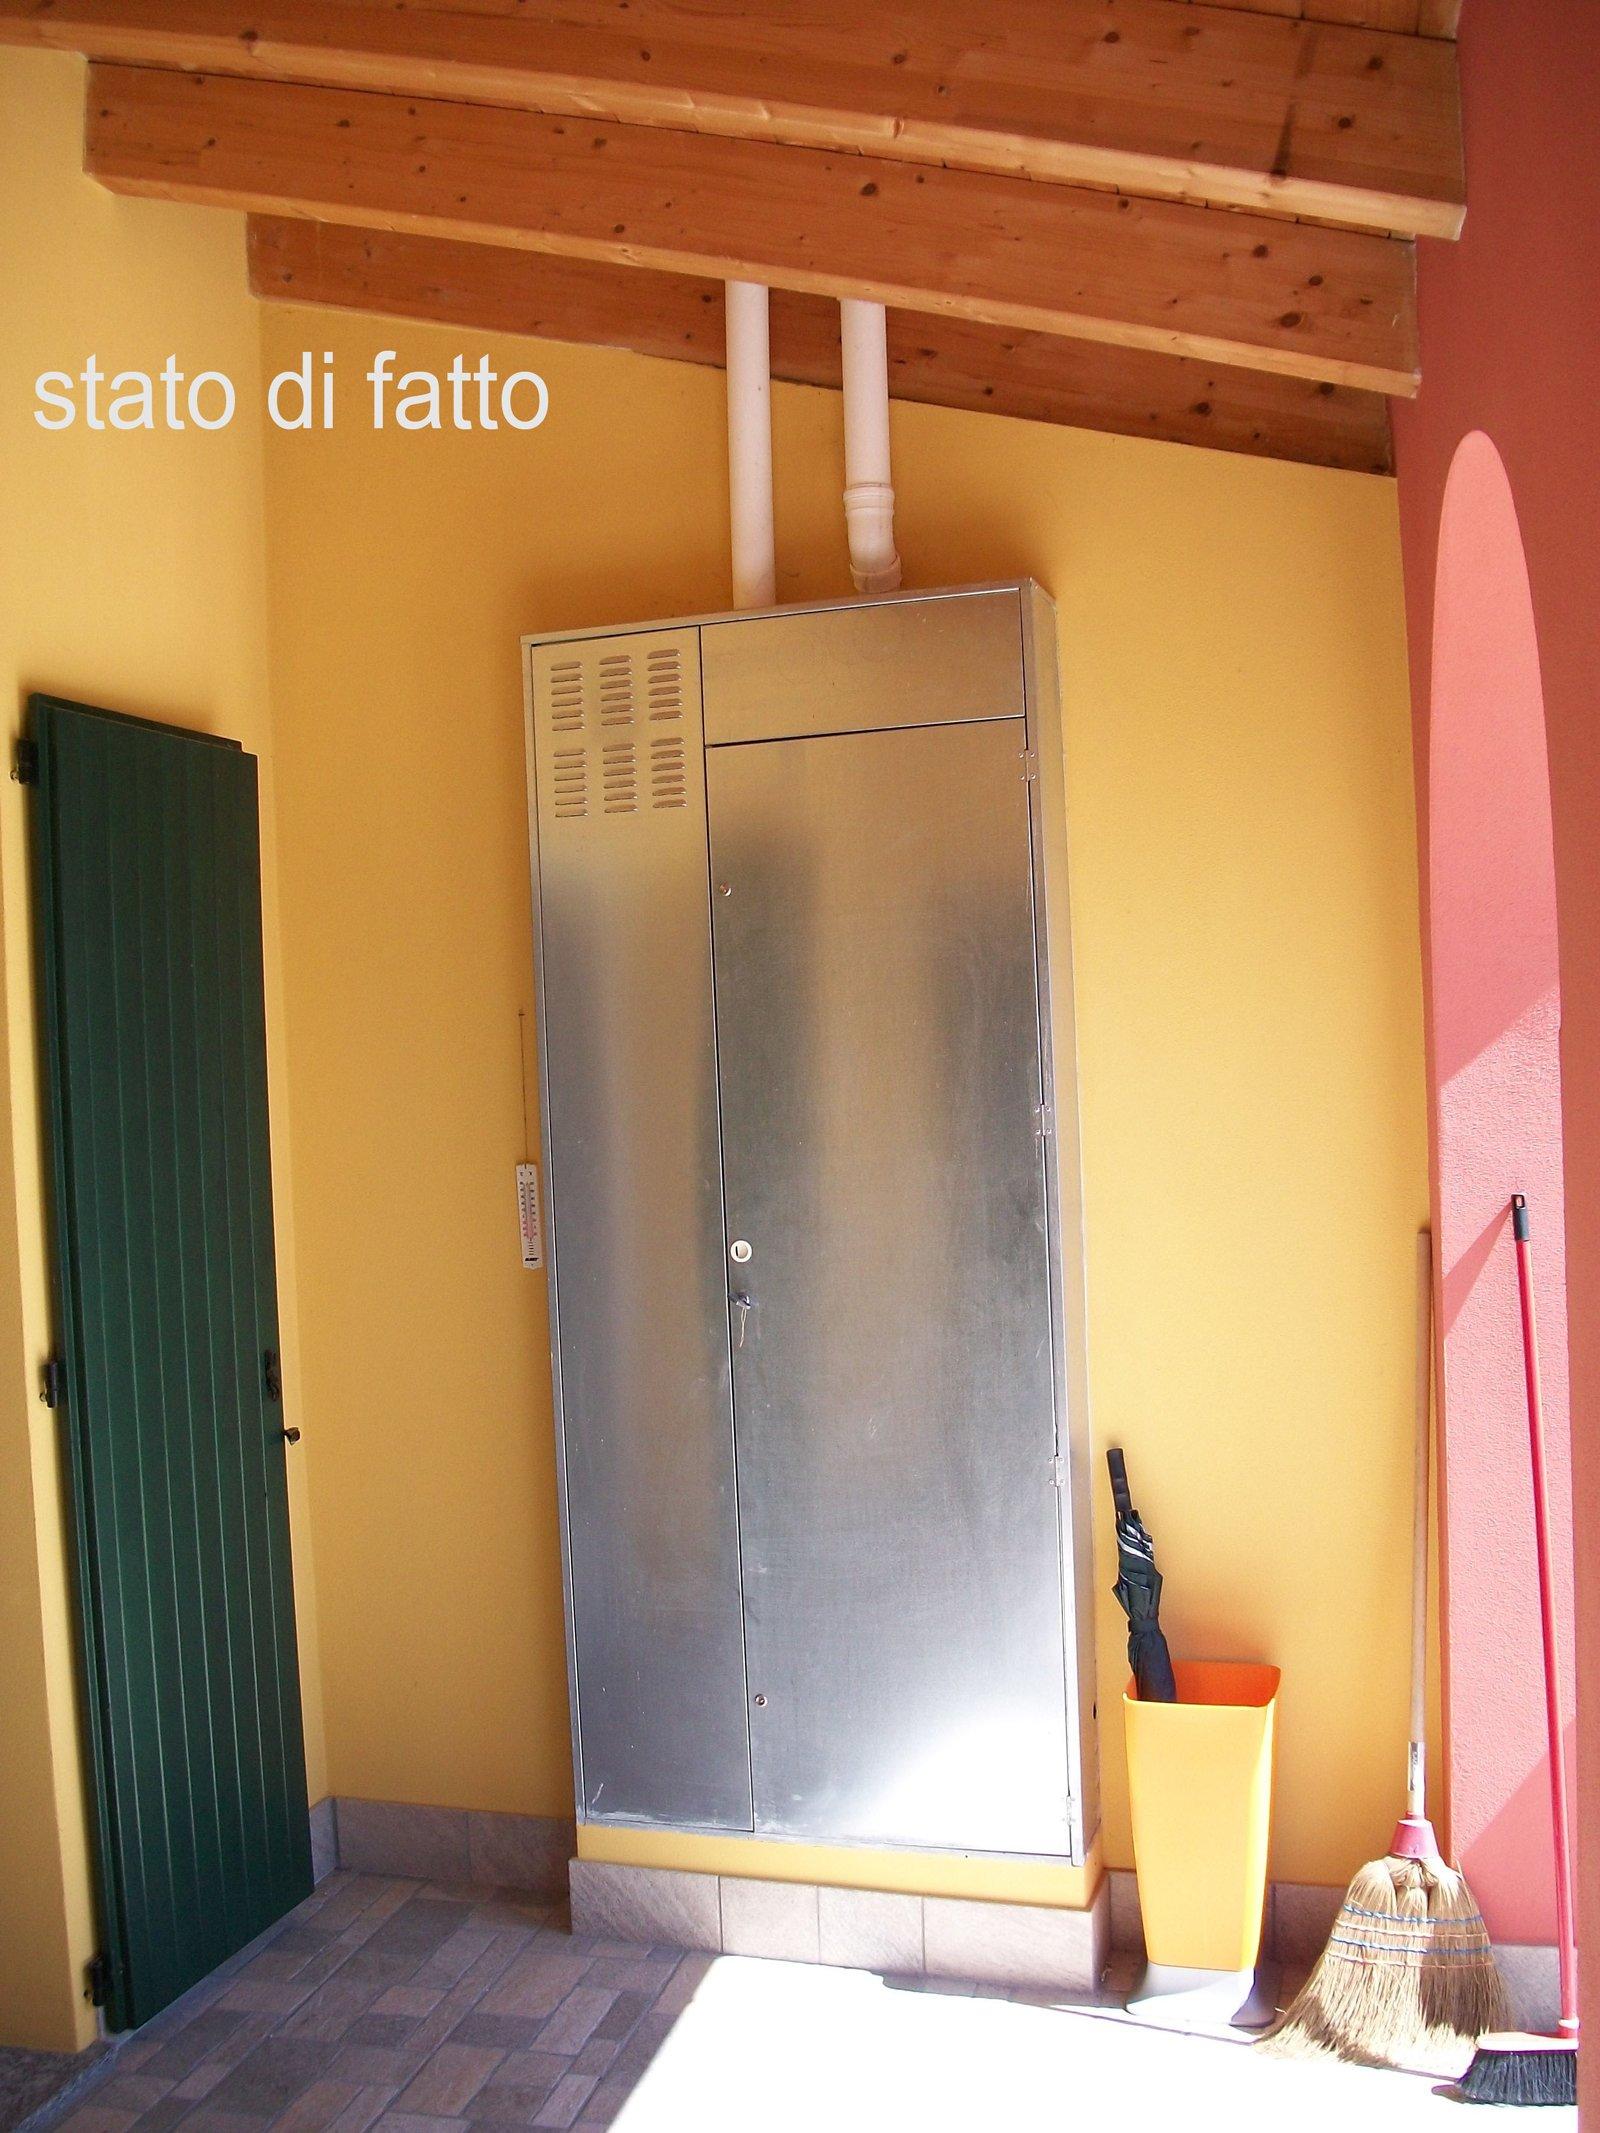 Riscaldamento casa a distanza: l'opzione dei termostati ...